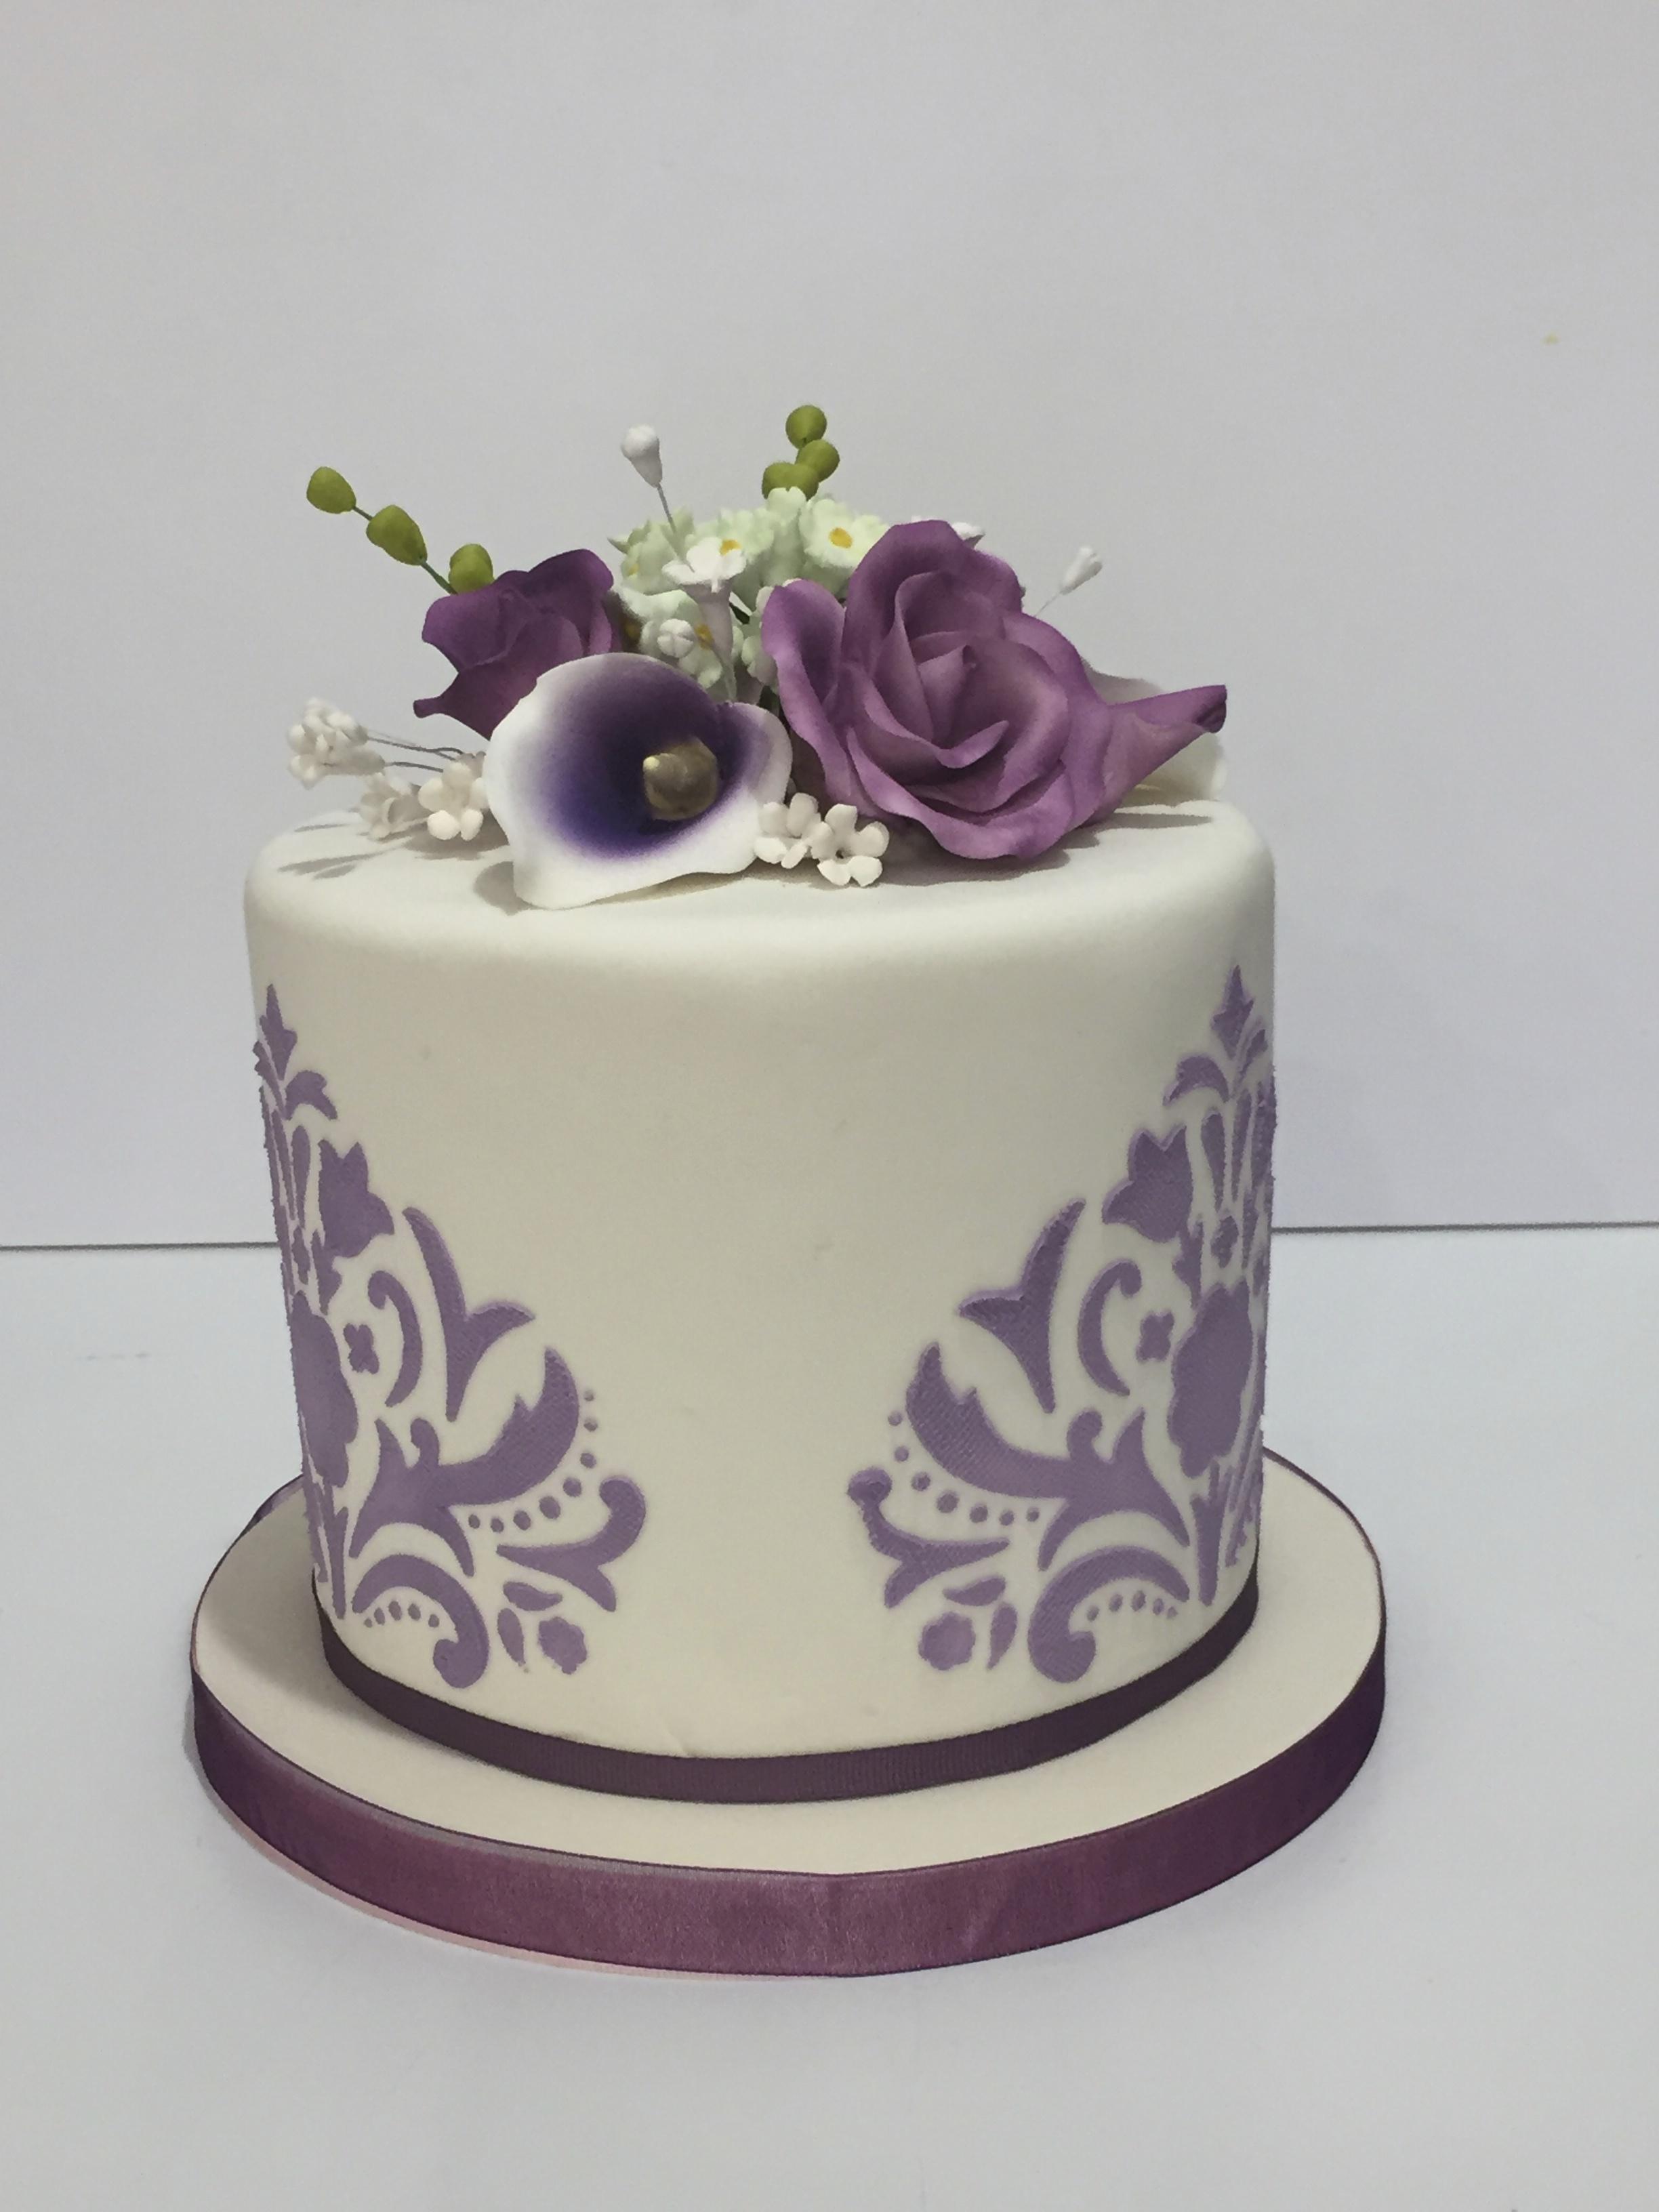 Lavender Damask Wedding Cake With Fondant Icing